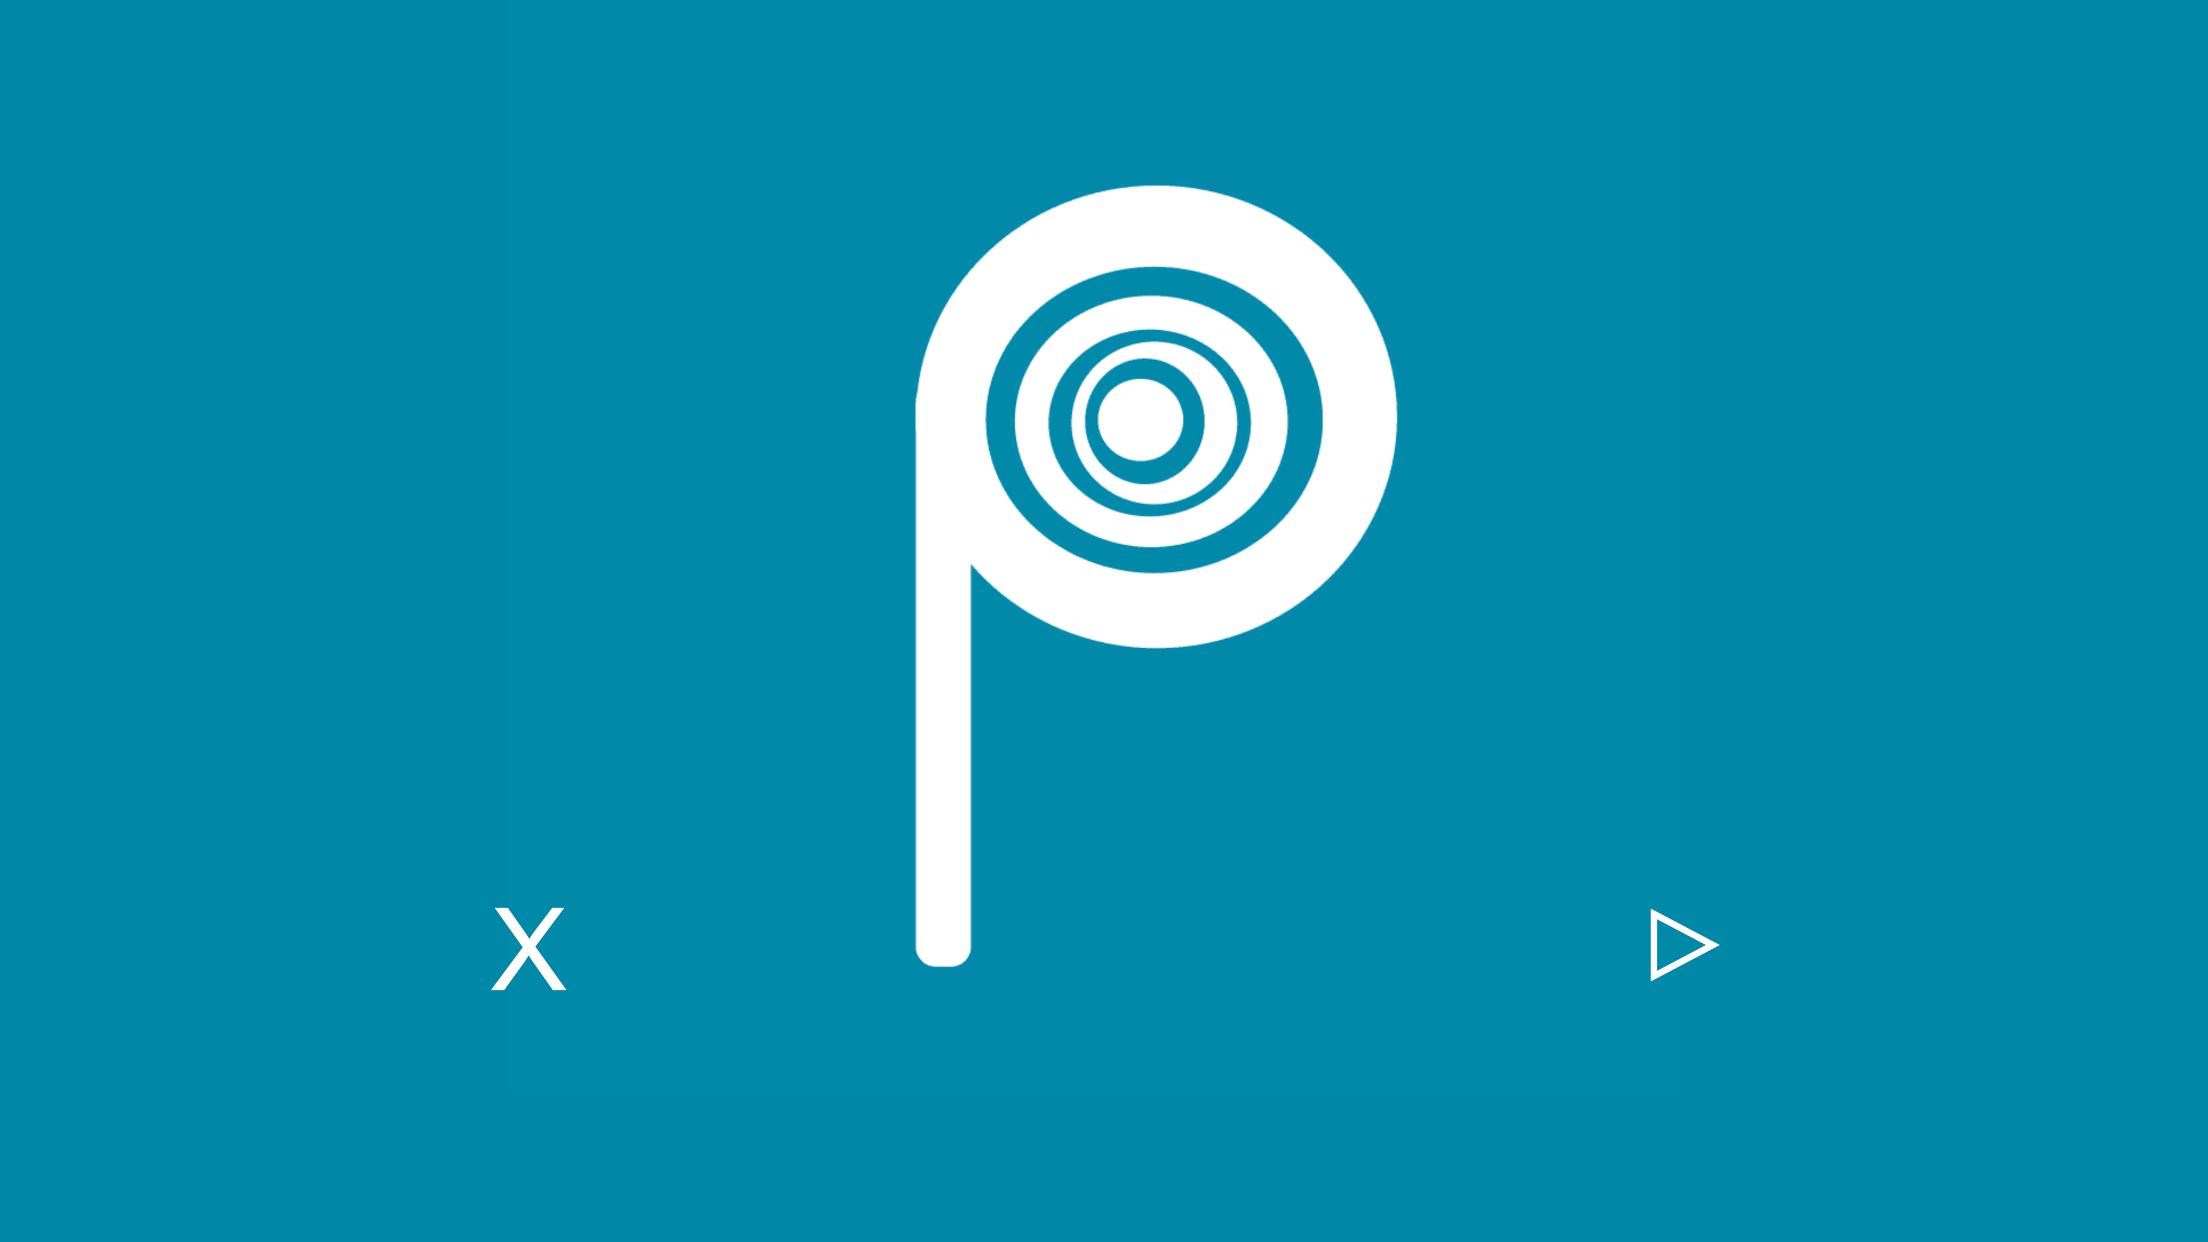 iPi – That's your Sound